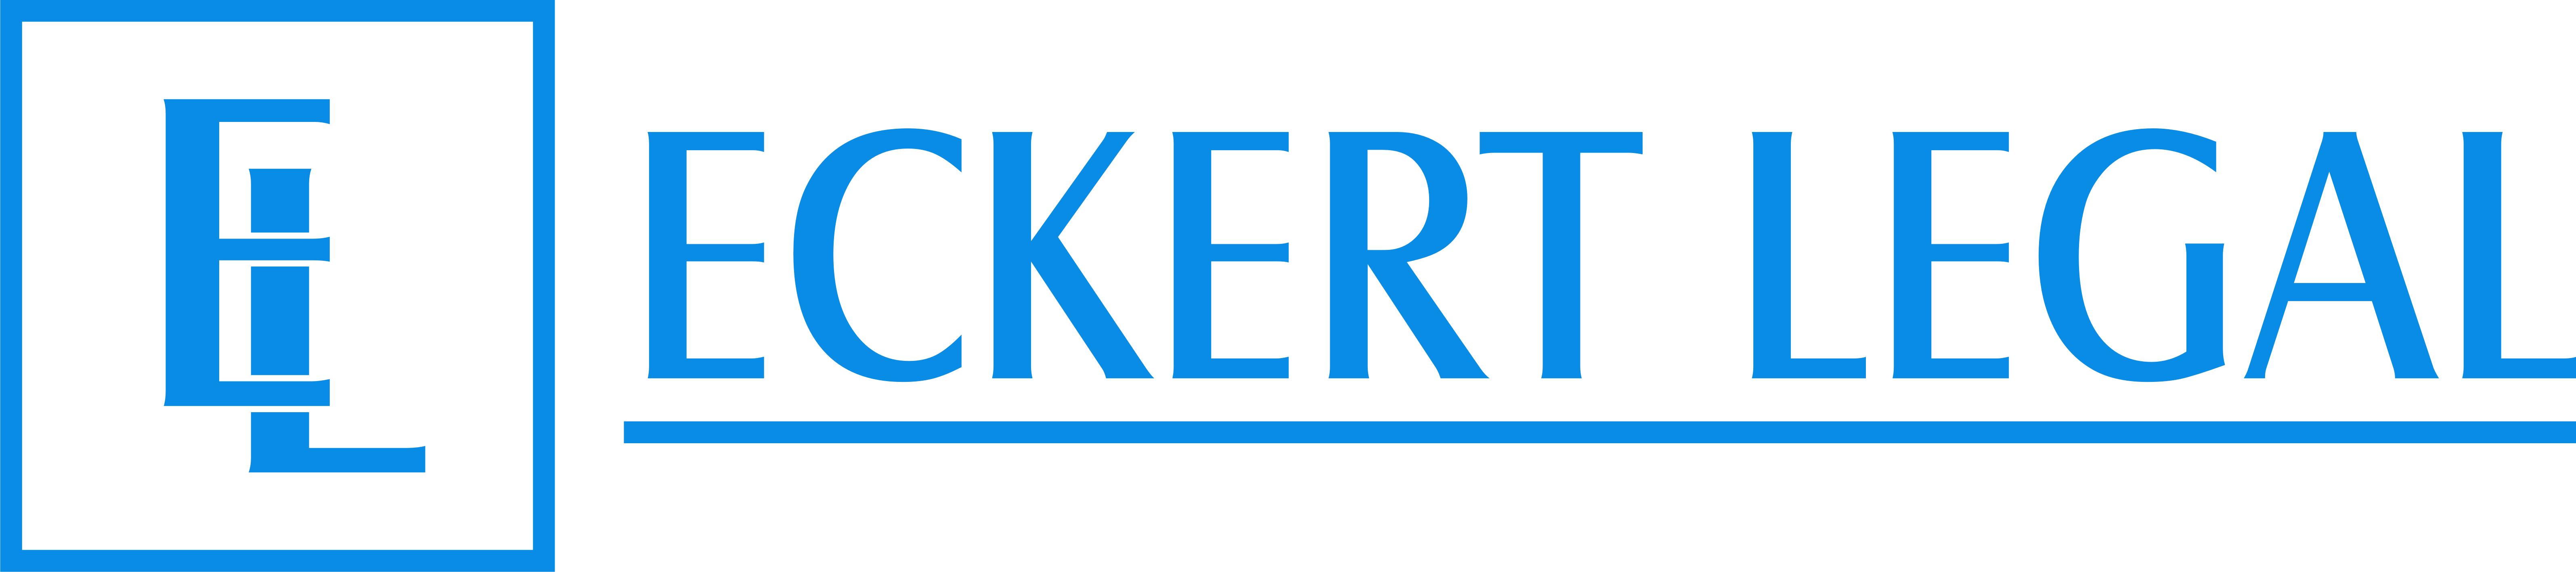 Eckert Legal Logo